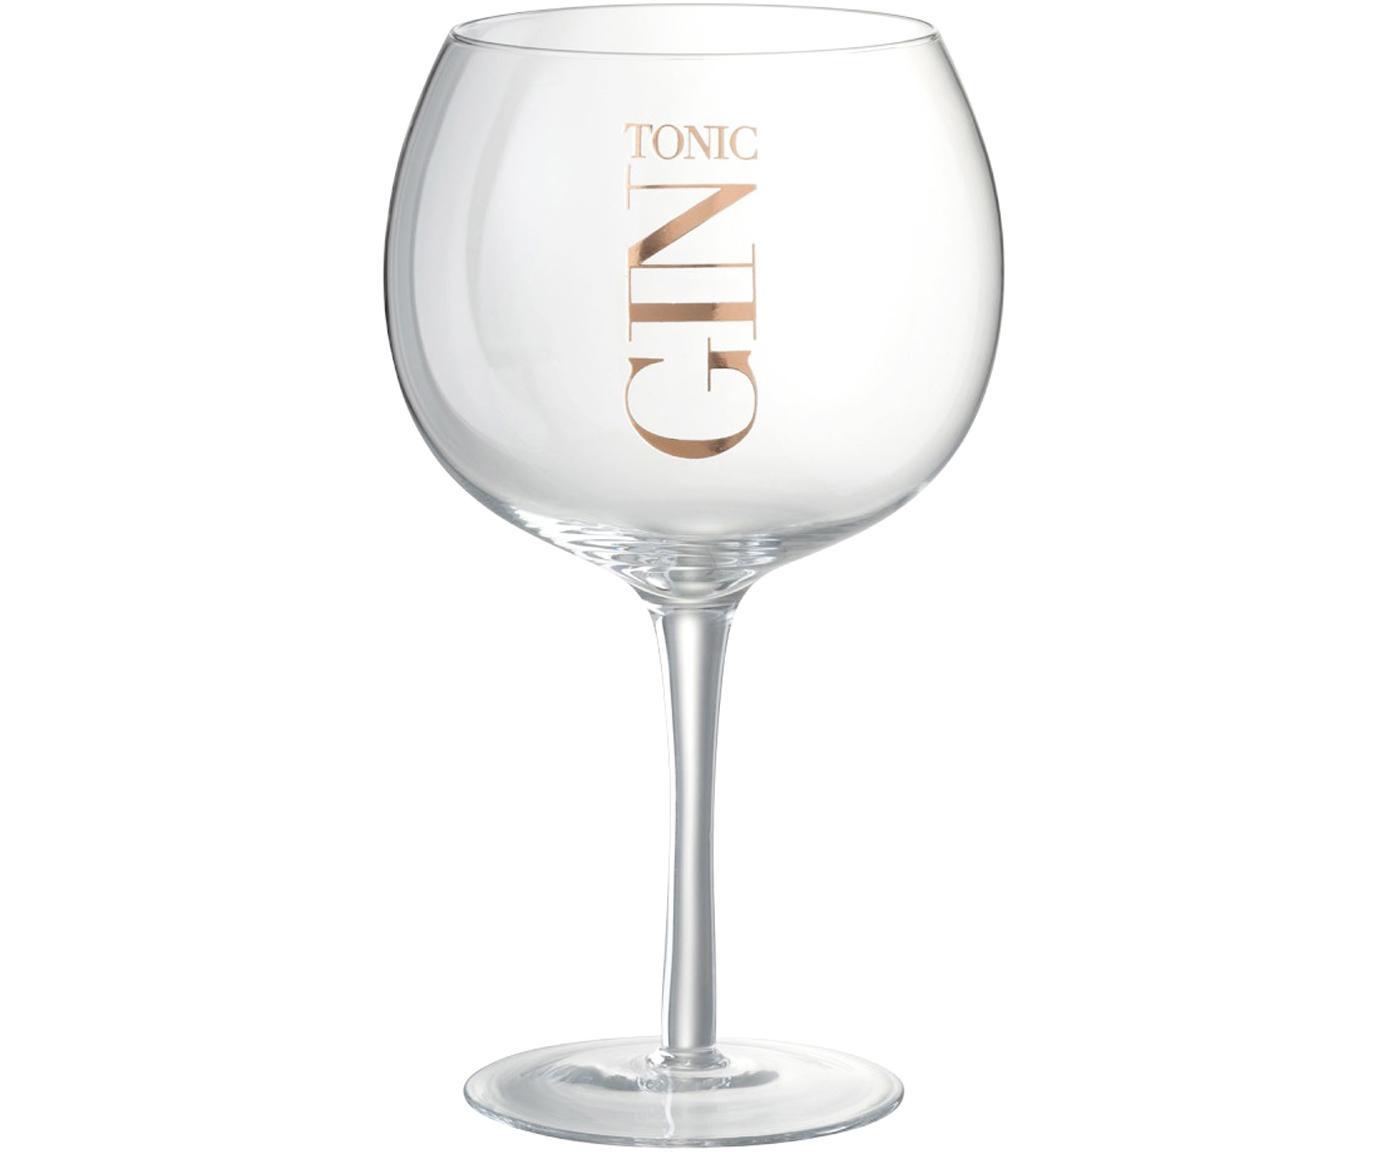 Kieliszek do koktajli Gin Tonic, 6 szt., Szkło, Transparentny, odcienie miedzi, Ø 12 x W 22 cm